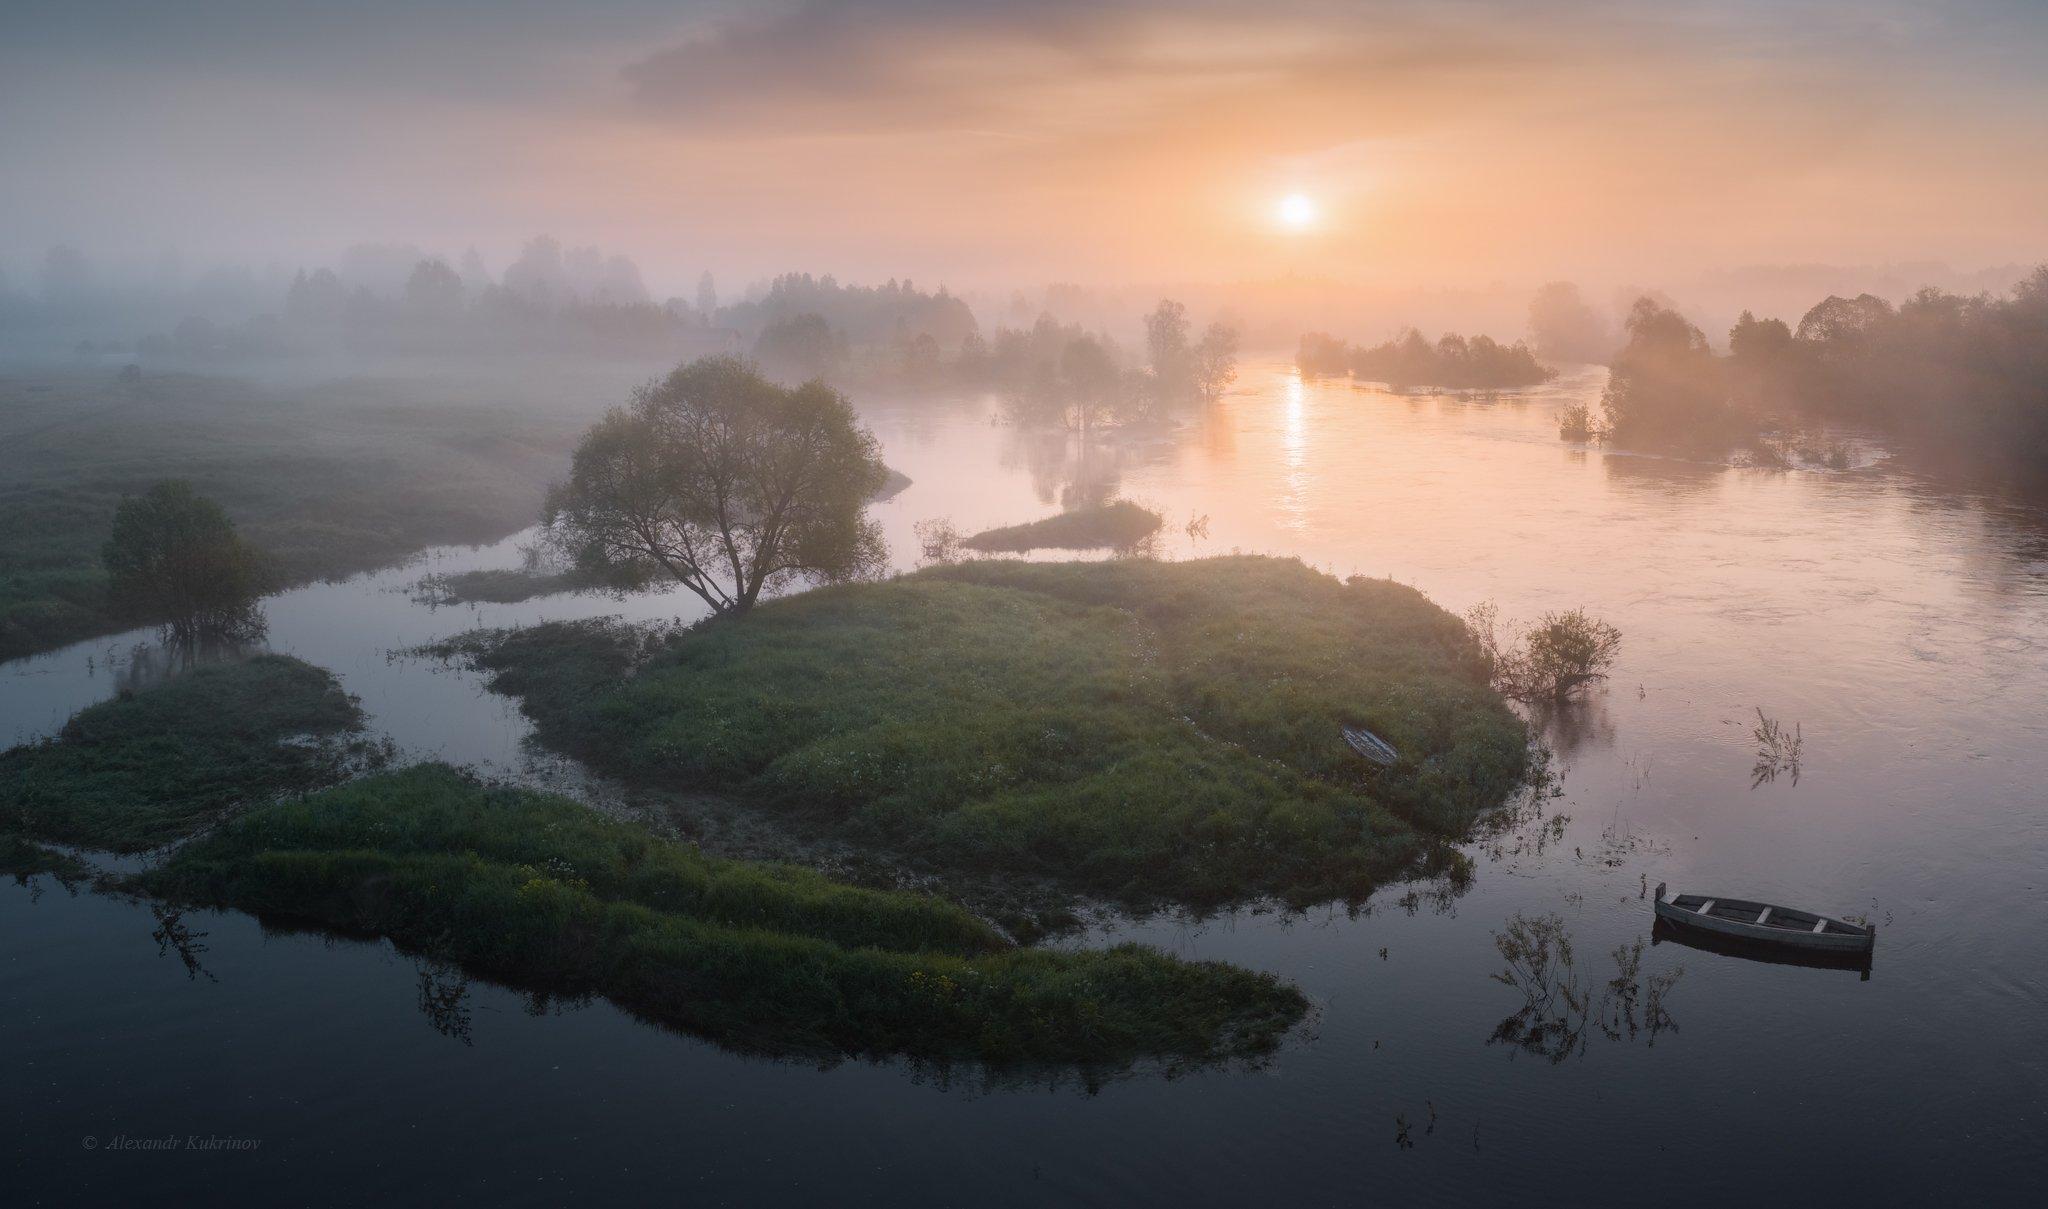 рассвет,пейзаж,утро,река,угра,лето,туман, Александр Кукринов